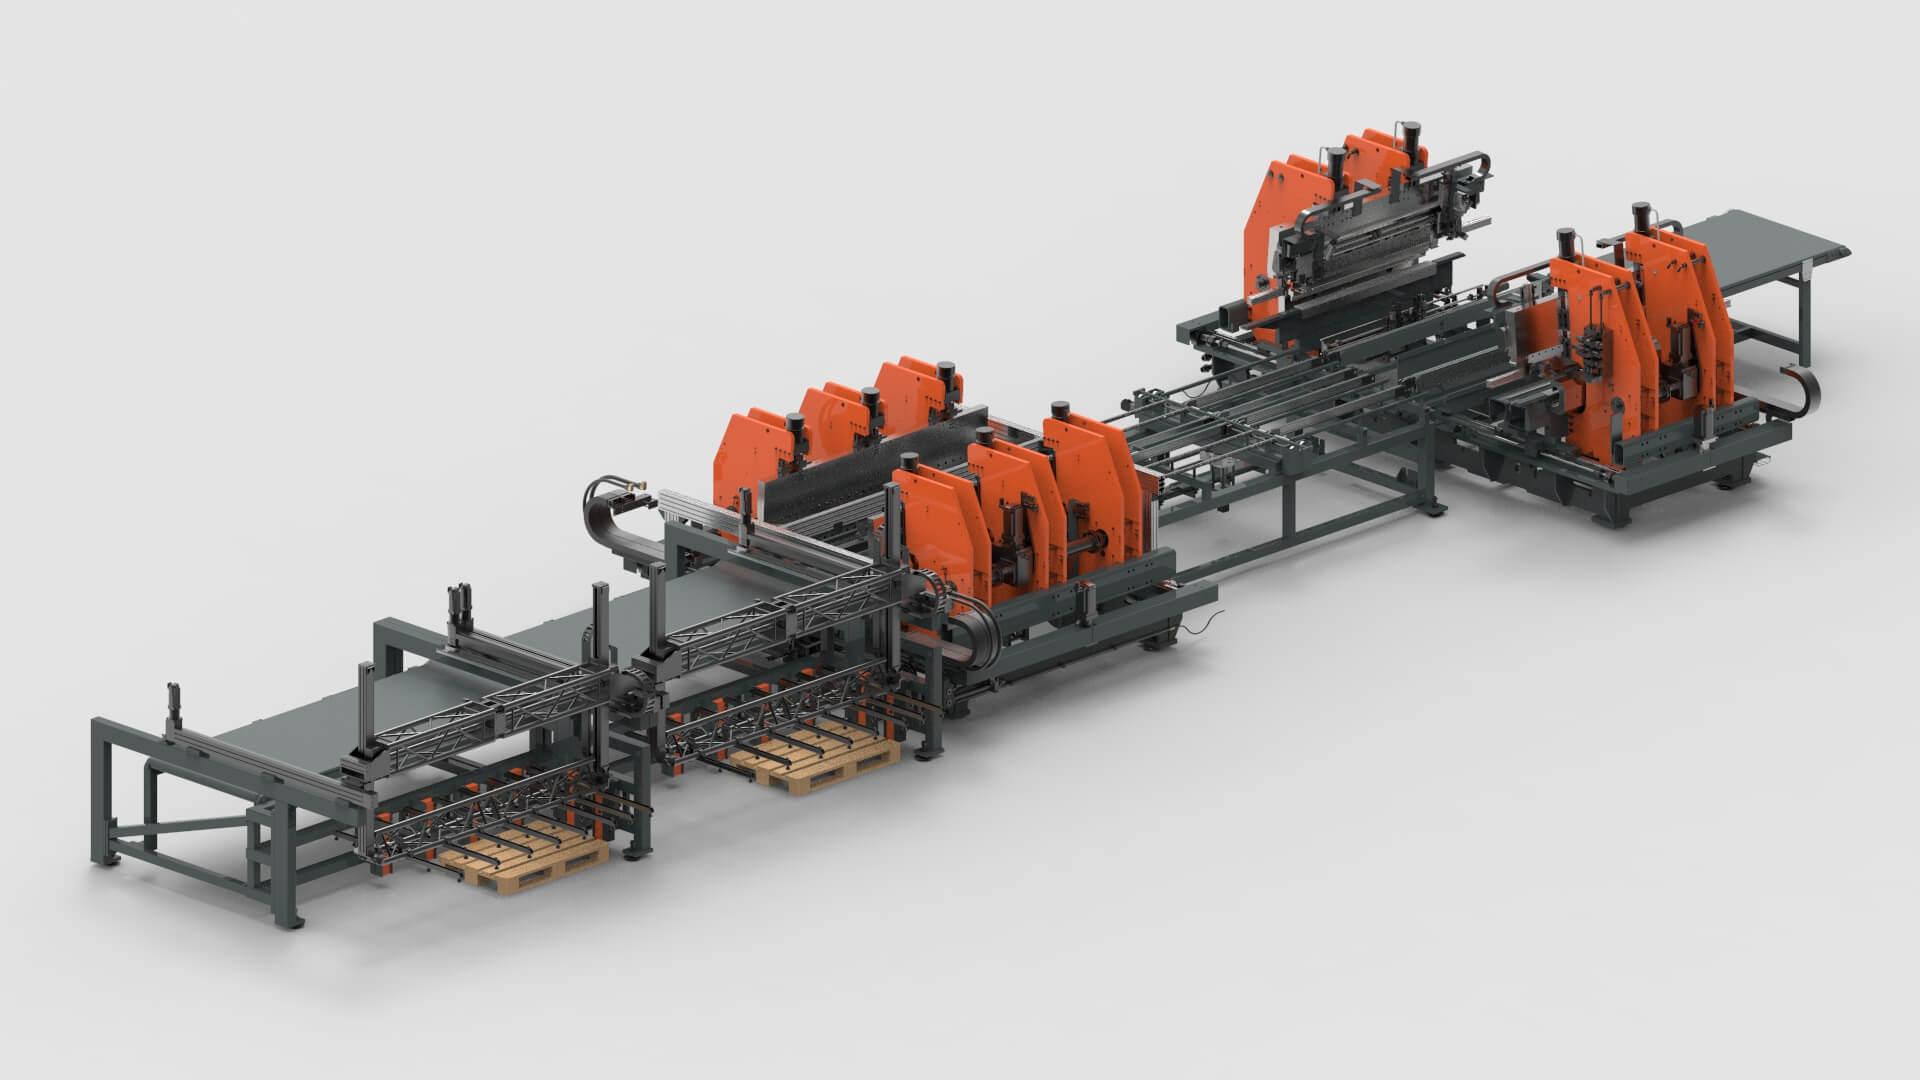 wemo-stalen-deuren-plaatbewerking-4-zijdig-buigen-productielijn.jpg